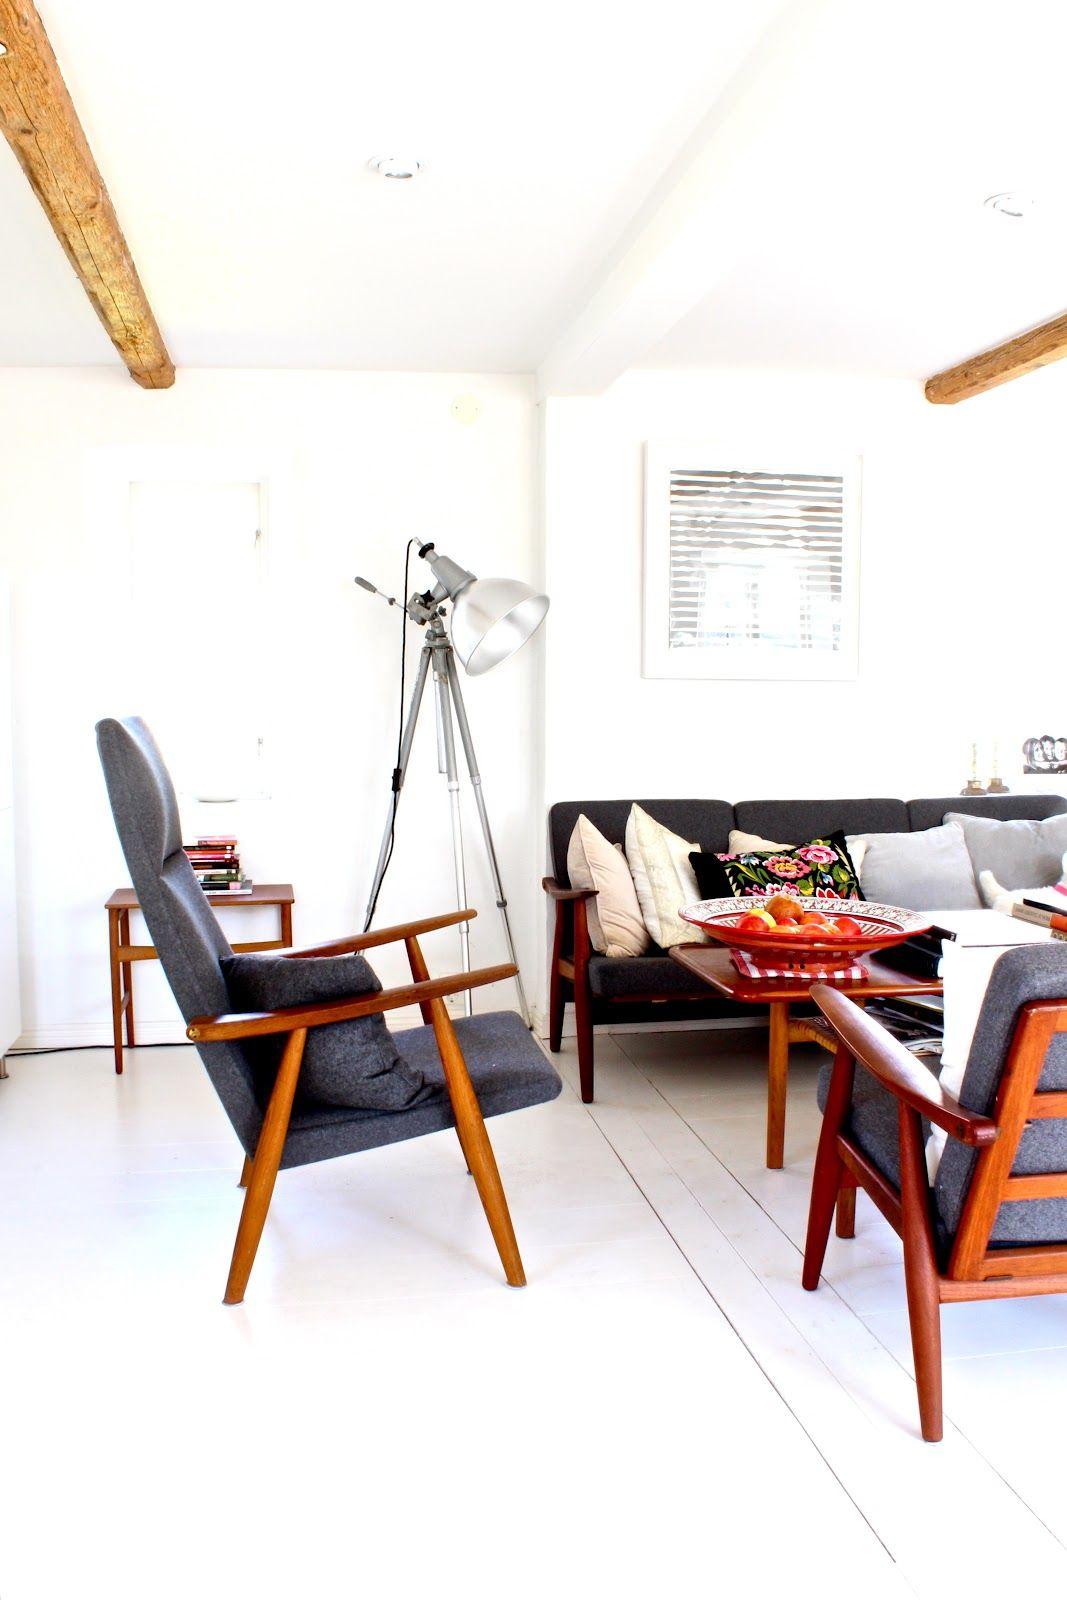 Photography: My Scandinavian Home. | Swedish Japanese cabin ...